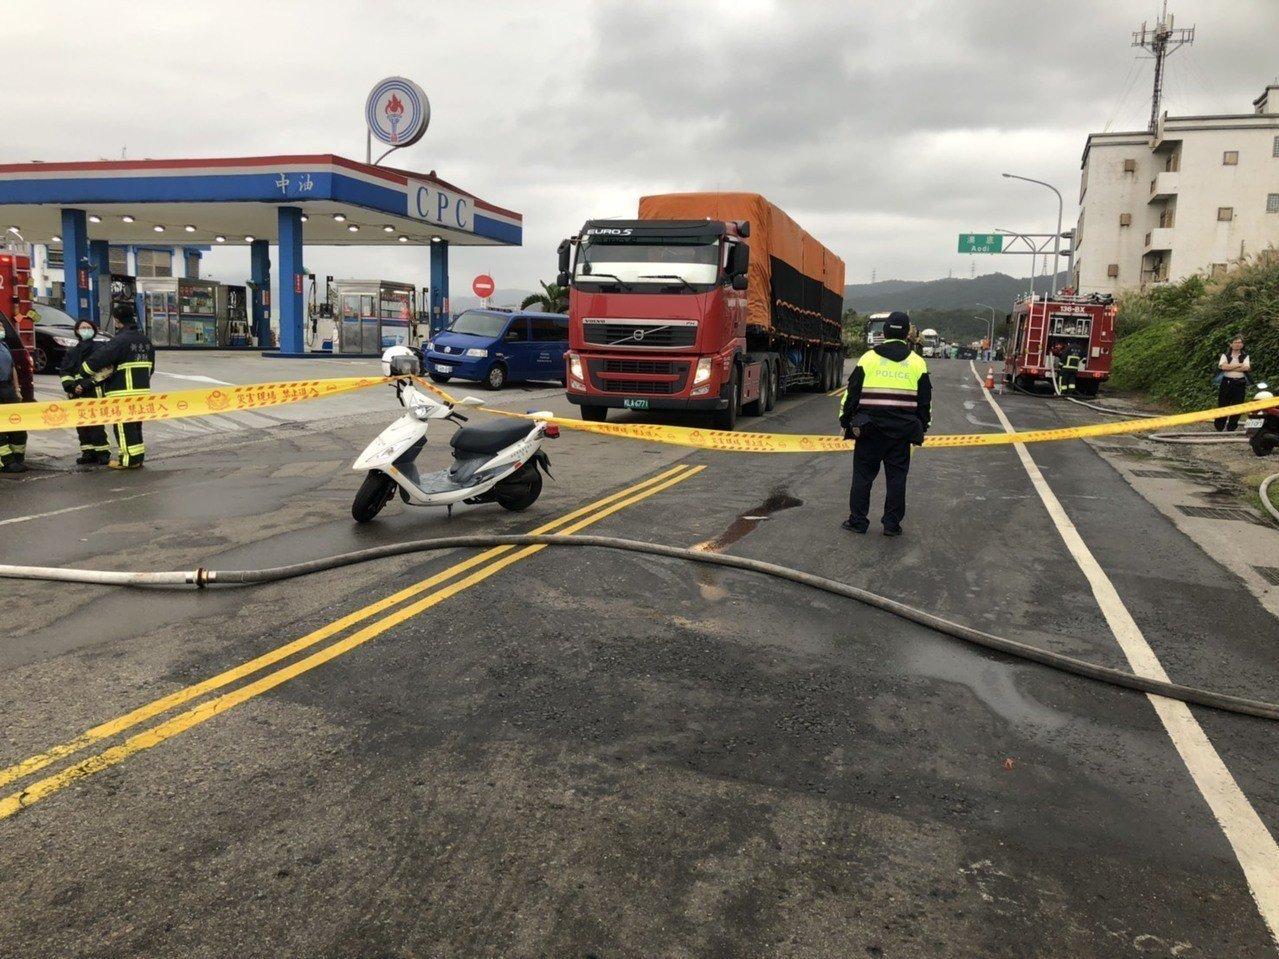 醋酸化學車翻覆,消防人員趕抵救援,李姓司機明顯死亡。圖/瑞芳警分局提供